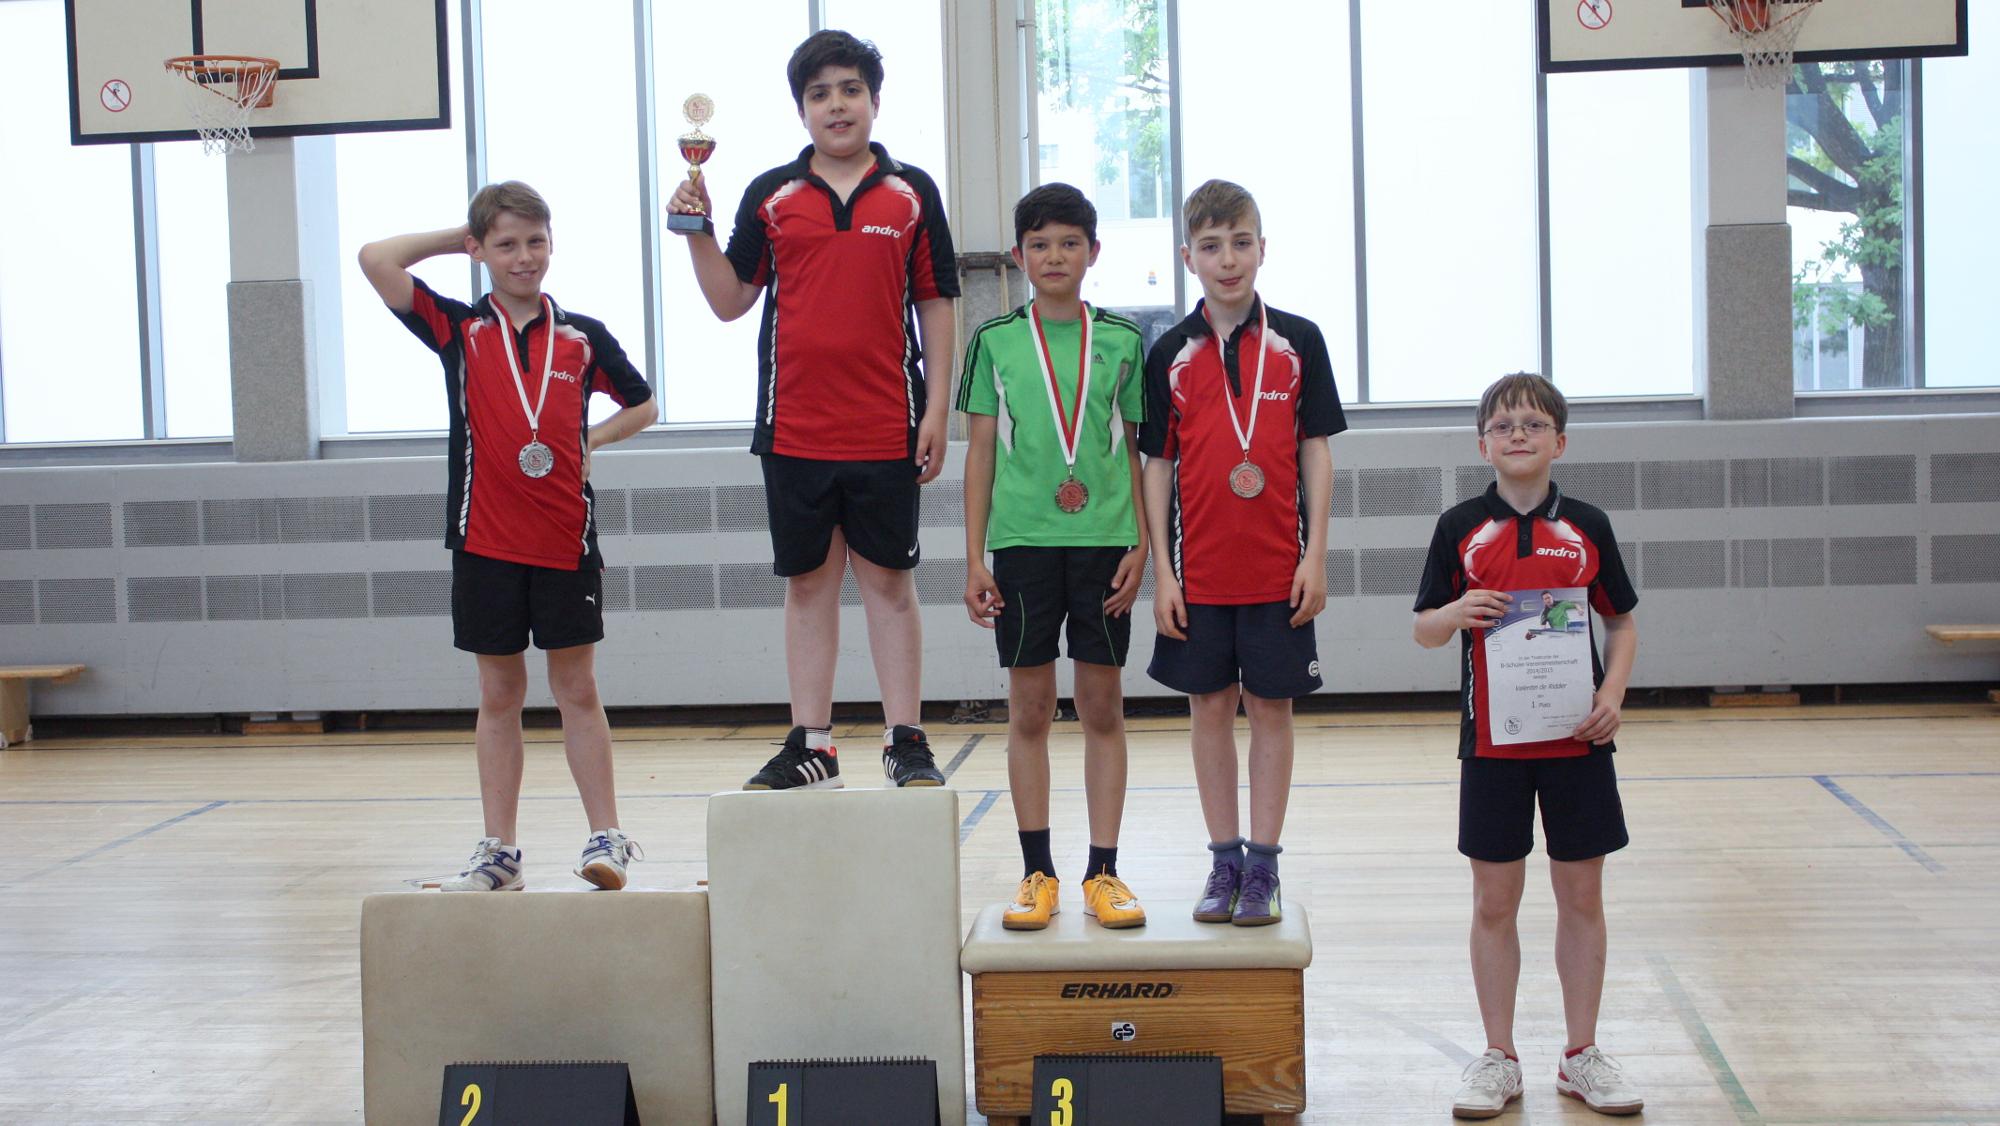 Miguel gewinnt die Vereinsmeisterschaften der B-Schüler, Finn wird Zweiter, Raden und Timo belegen den dritten Platz. Sieger der Trostrunde wurde Valentin.